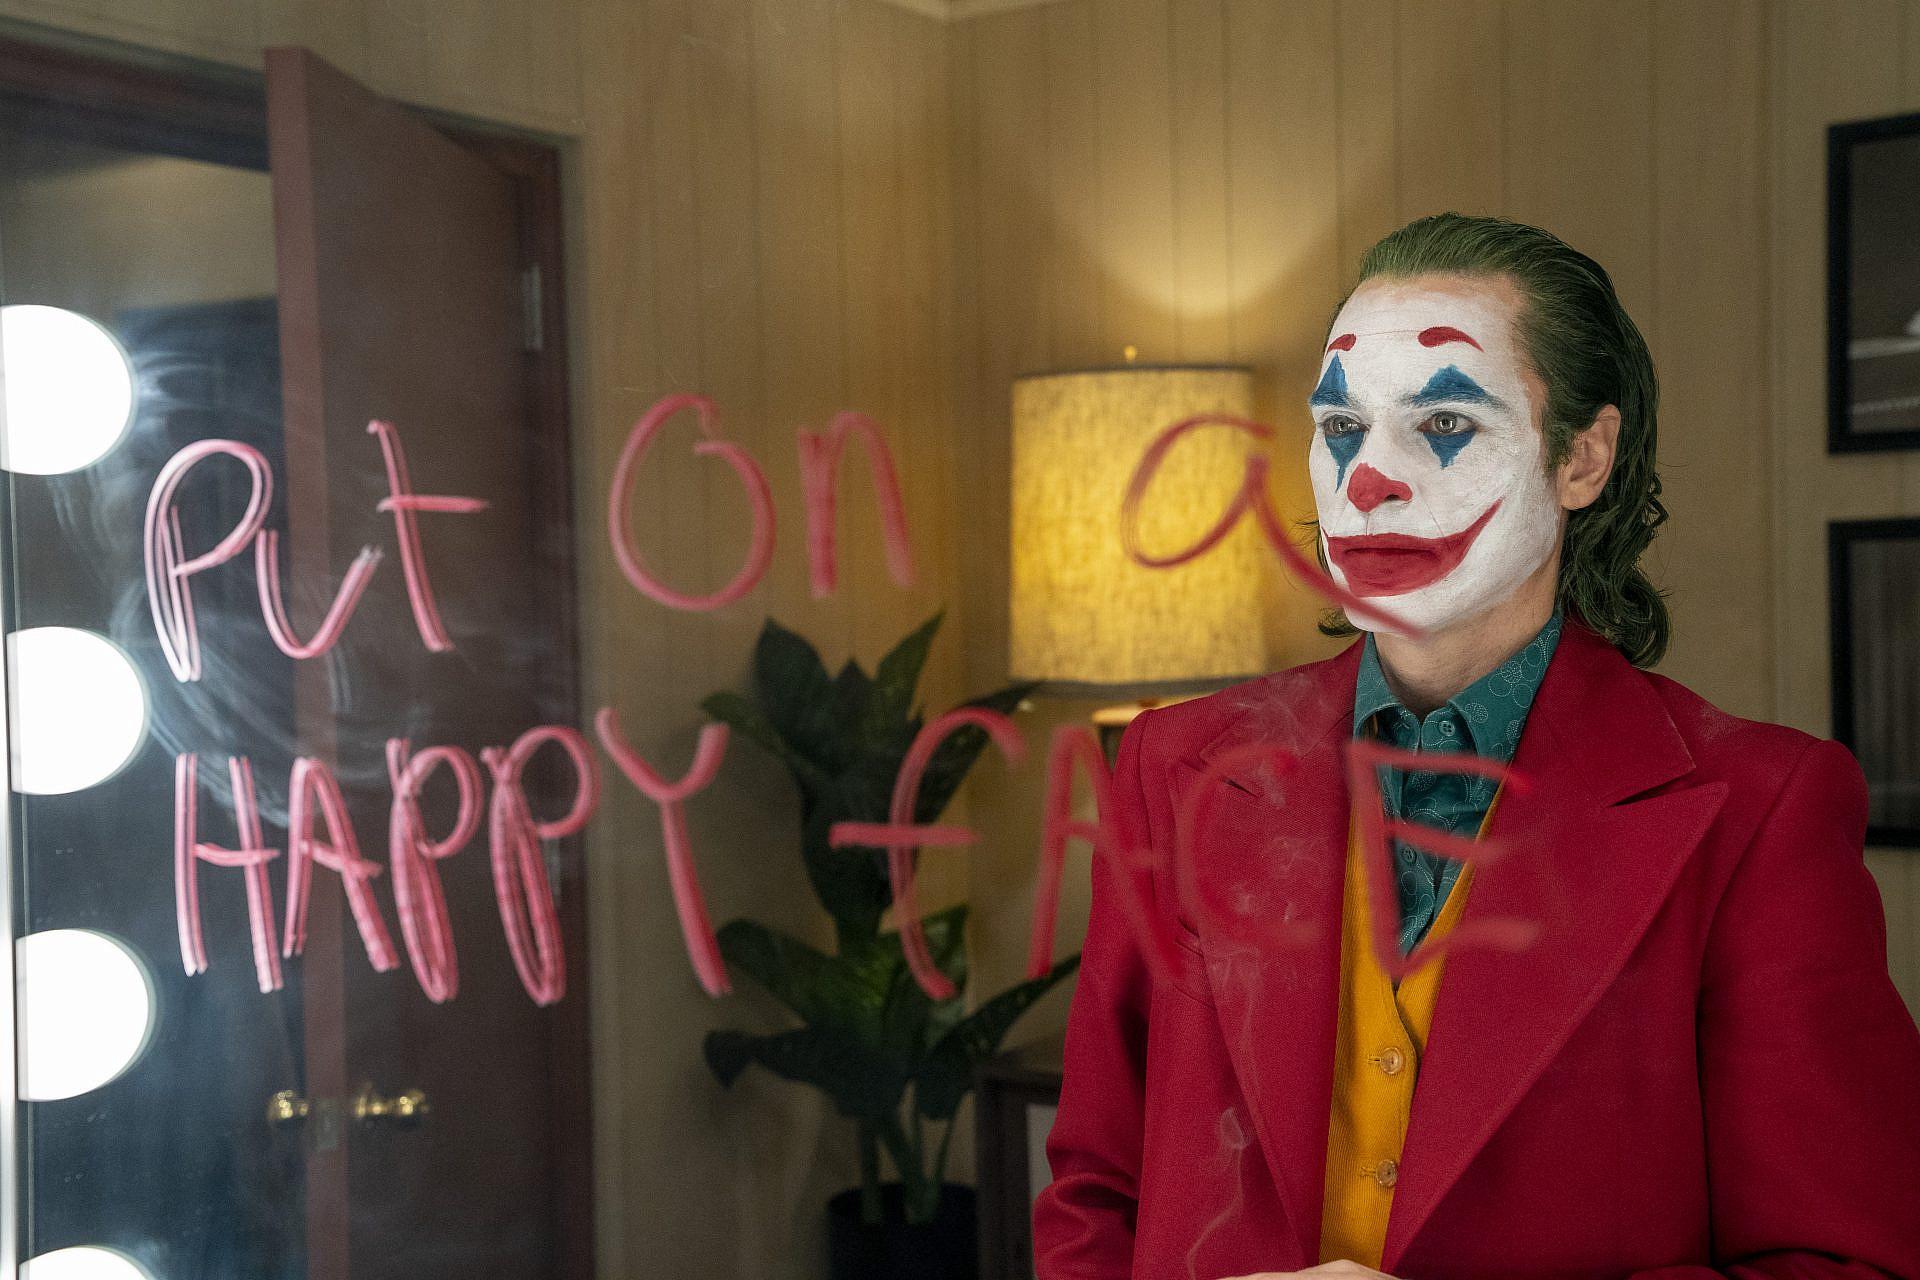 """הצחוק הוא תוצאה של טראומה. חואקין פיניקס ב""""ג'וקר"""" (צילום: באדיבות טוליפ אינטרטיימנט)"""